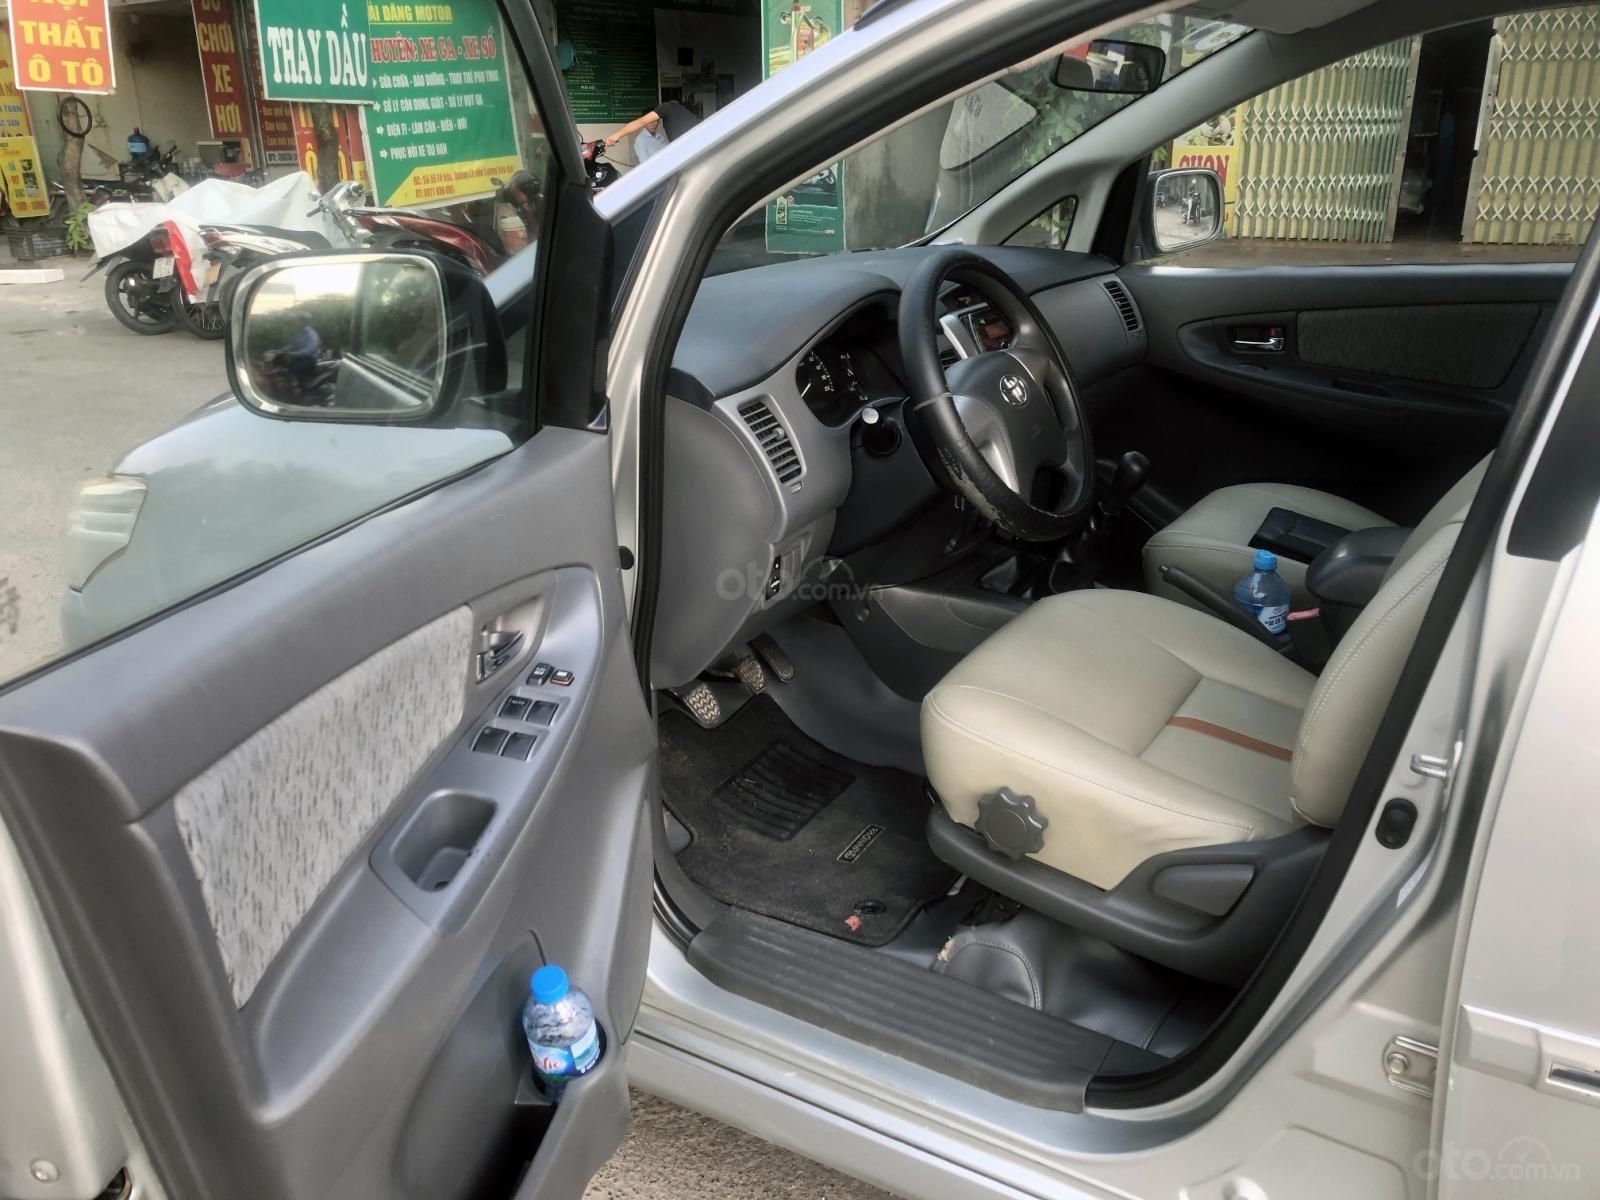 Bán ô tô Toyota Innova 2.0 MT đời 2012, màu bạc, biển Hà Nội, không chạy dịch vụ (6)